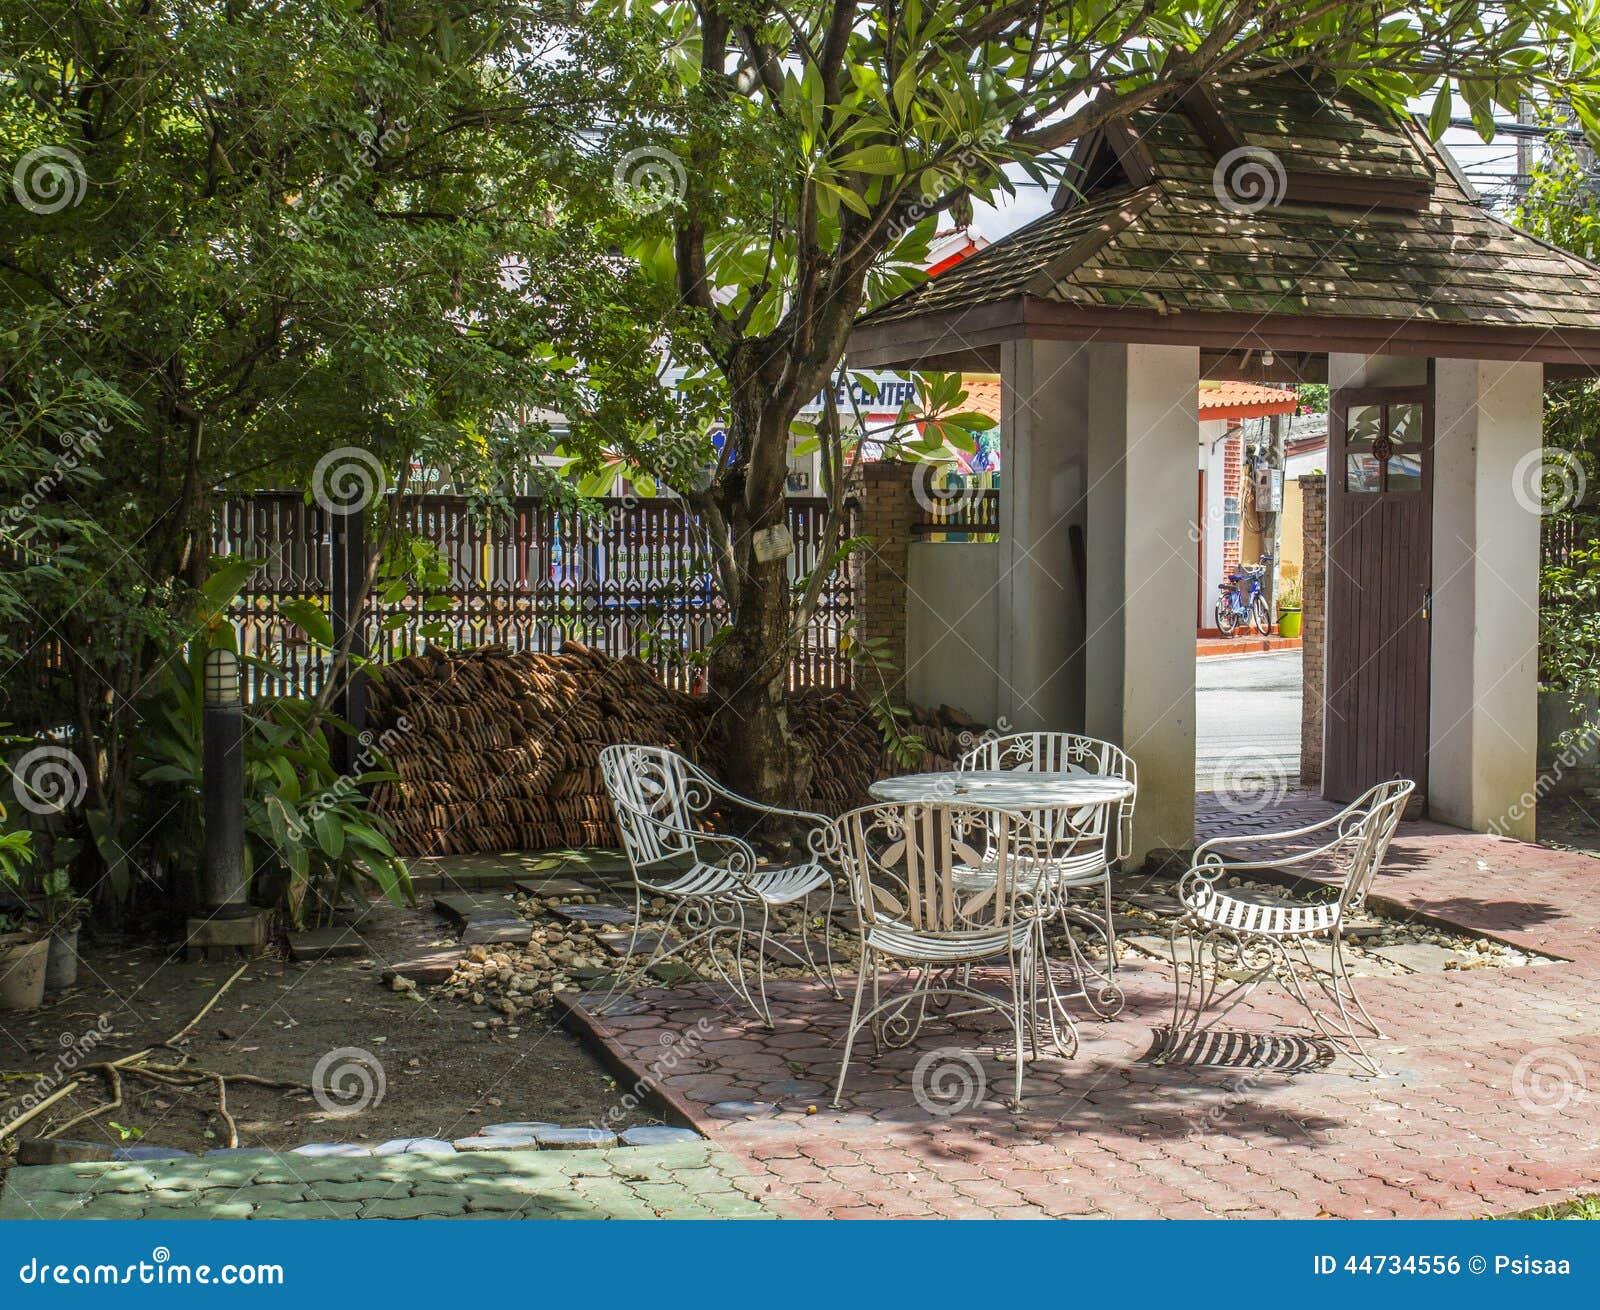 Weisser Eisenstuhl Im Garten Stockfoto Bild Von Szene Ruhig 44734556